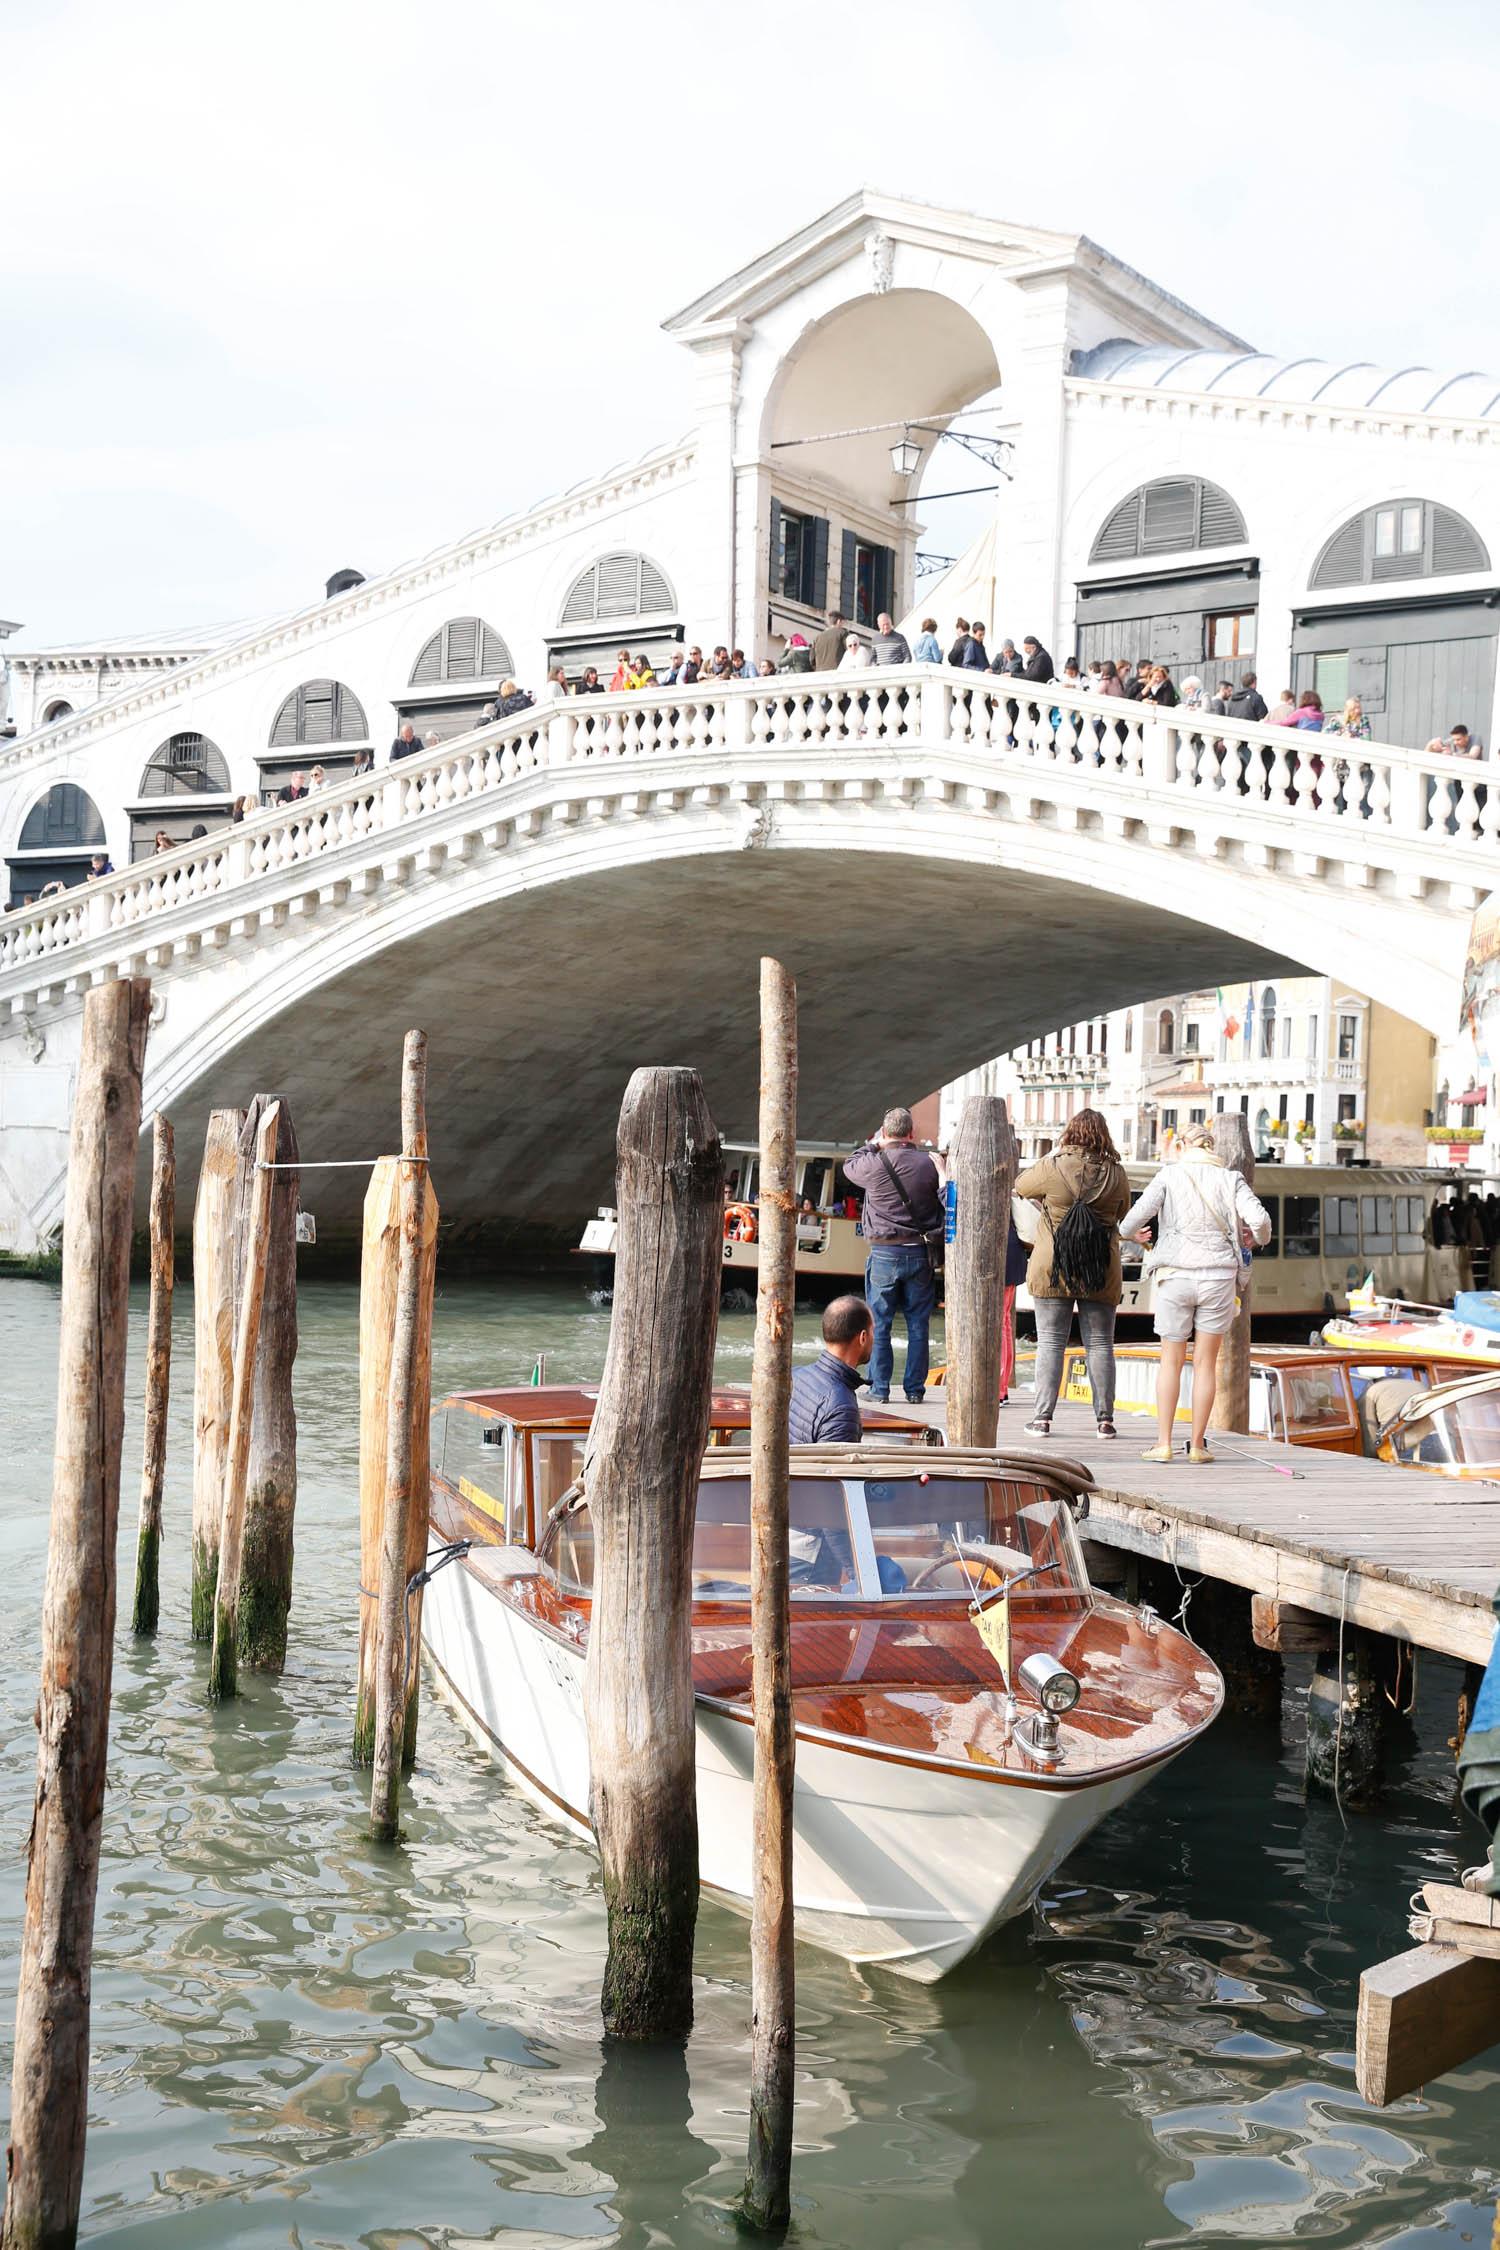 venice, italy, venezia, venice travel diary, alyson haley, rialto bridge